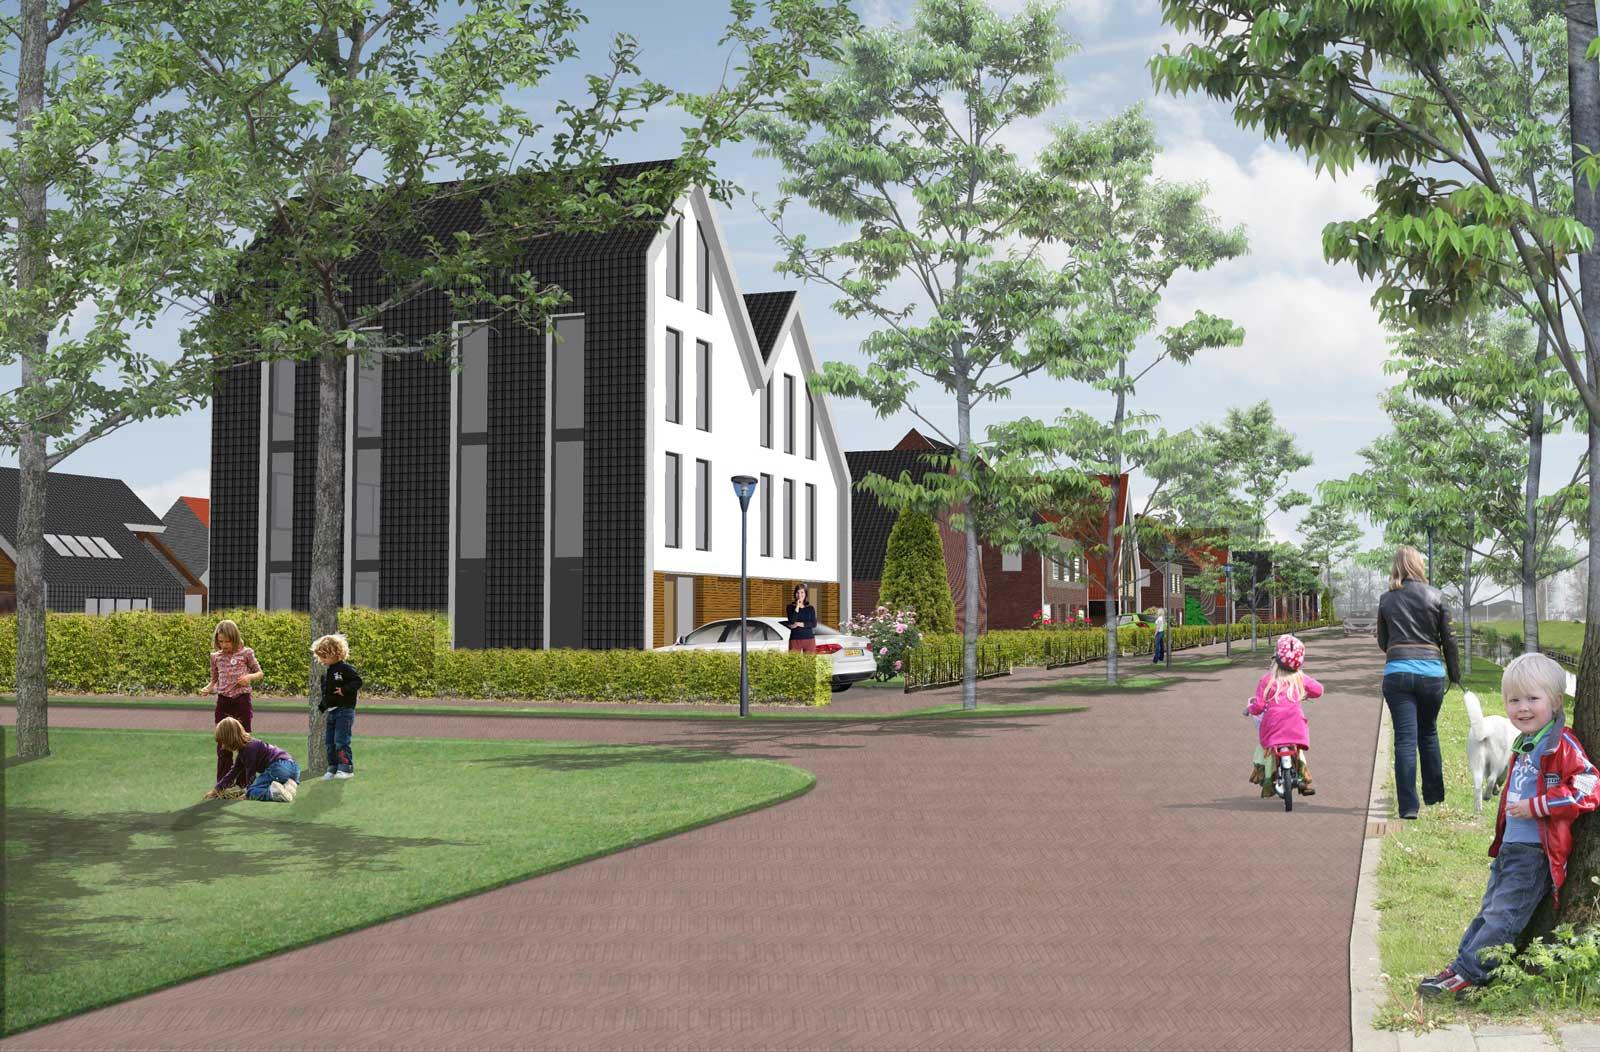 impressie Toernooiweg - woonwijk De Wadde Plasweg Waddinxveen